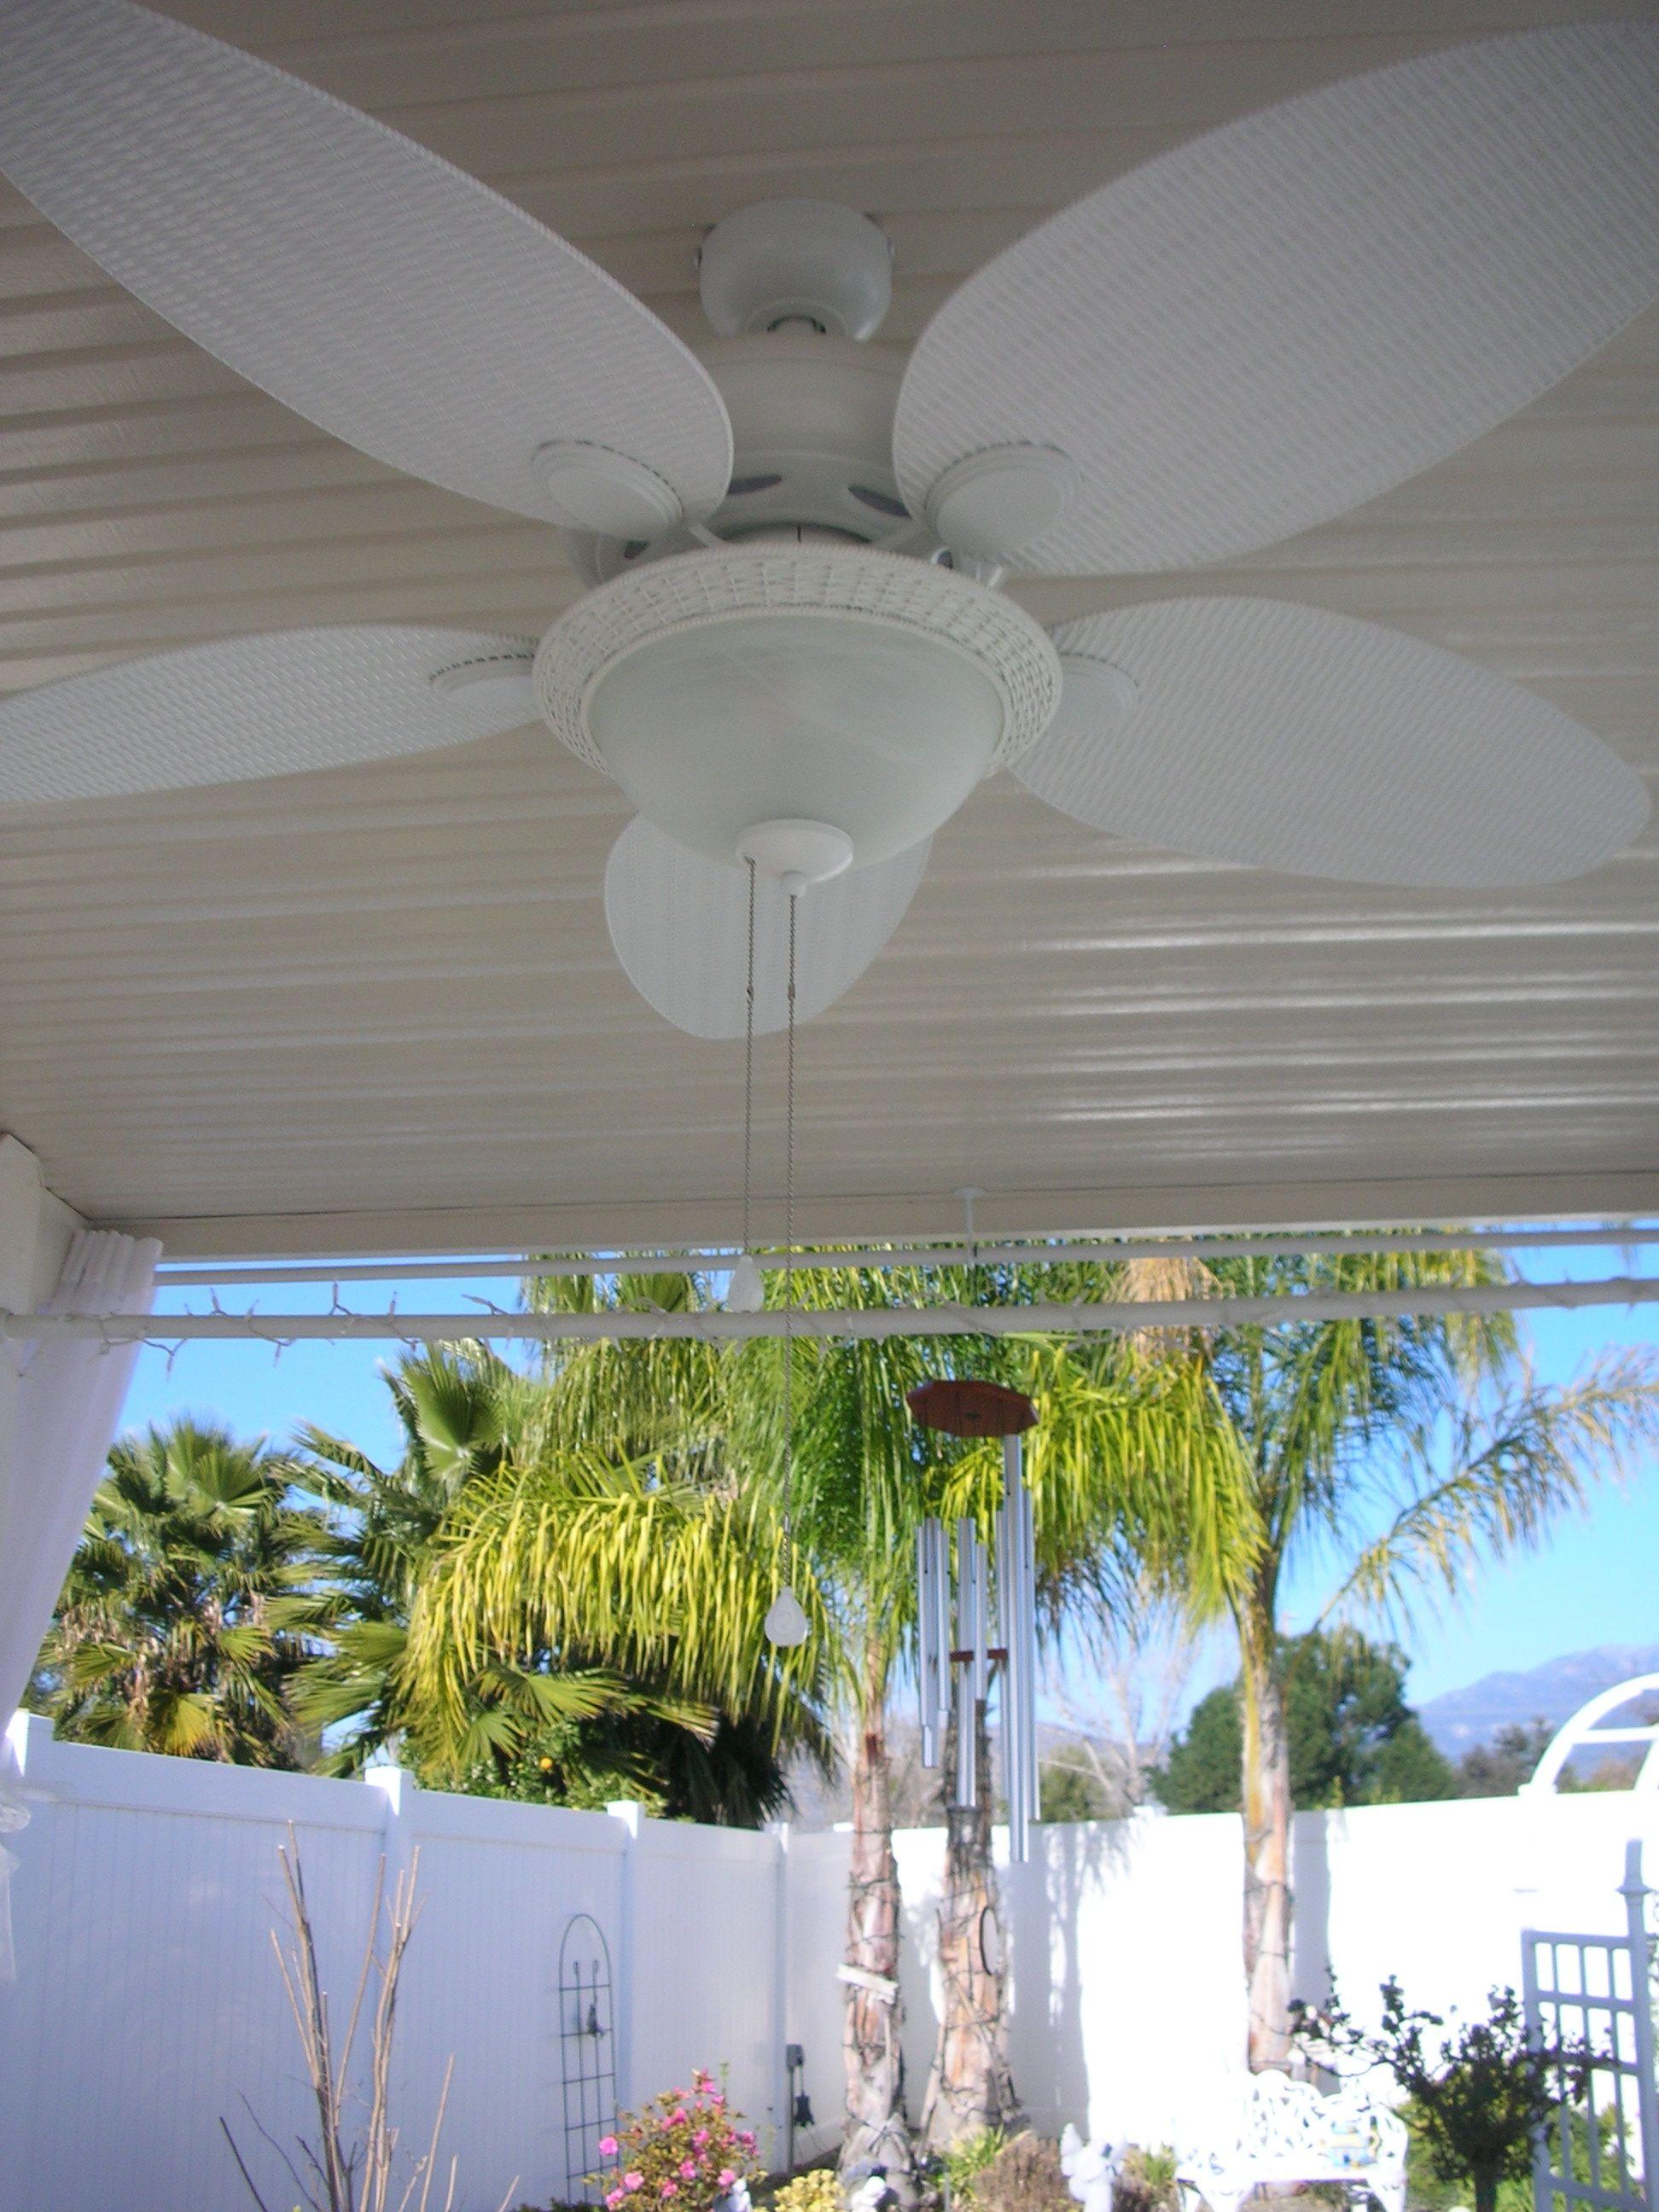 Shabby Chic Ceiling Fan In The Lanai Ceiling Fan